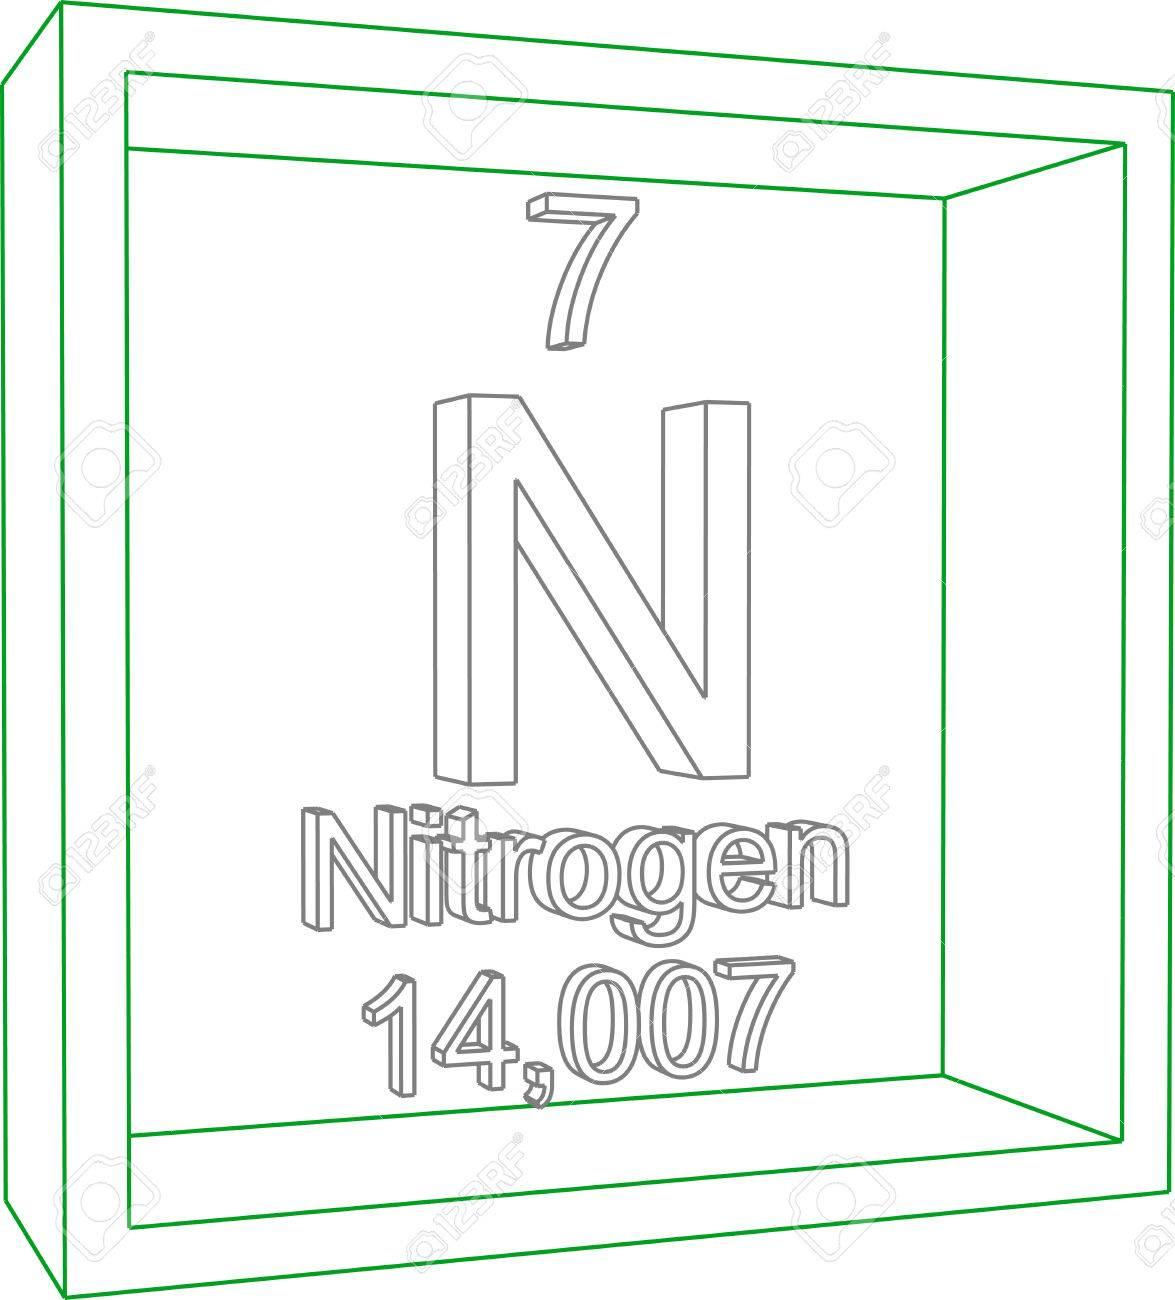 Tabla peridica de los elementos nitrgeno ilustraciones foto de archivo tabla peridica de los elementos nitrgeno urtaz Choice Image